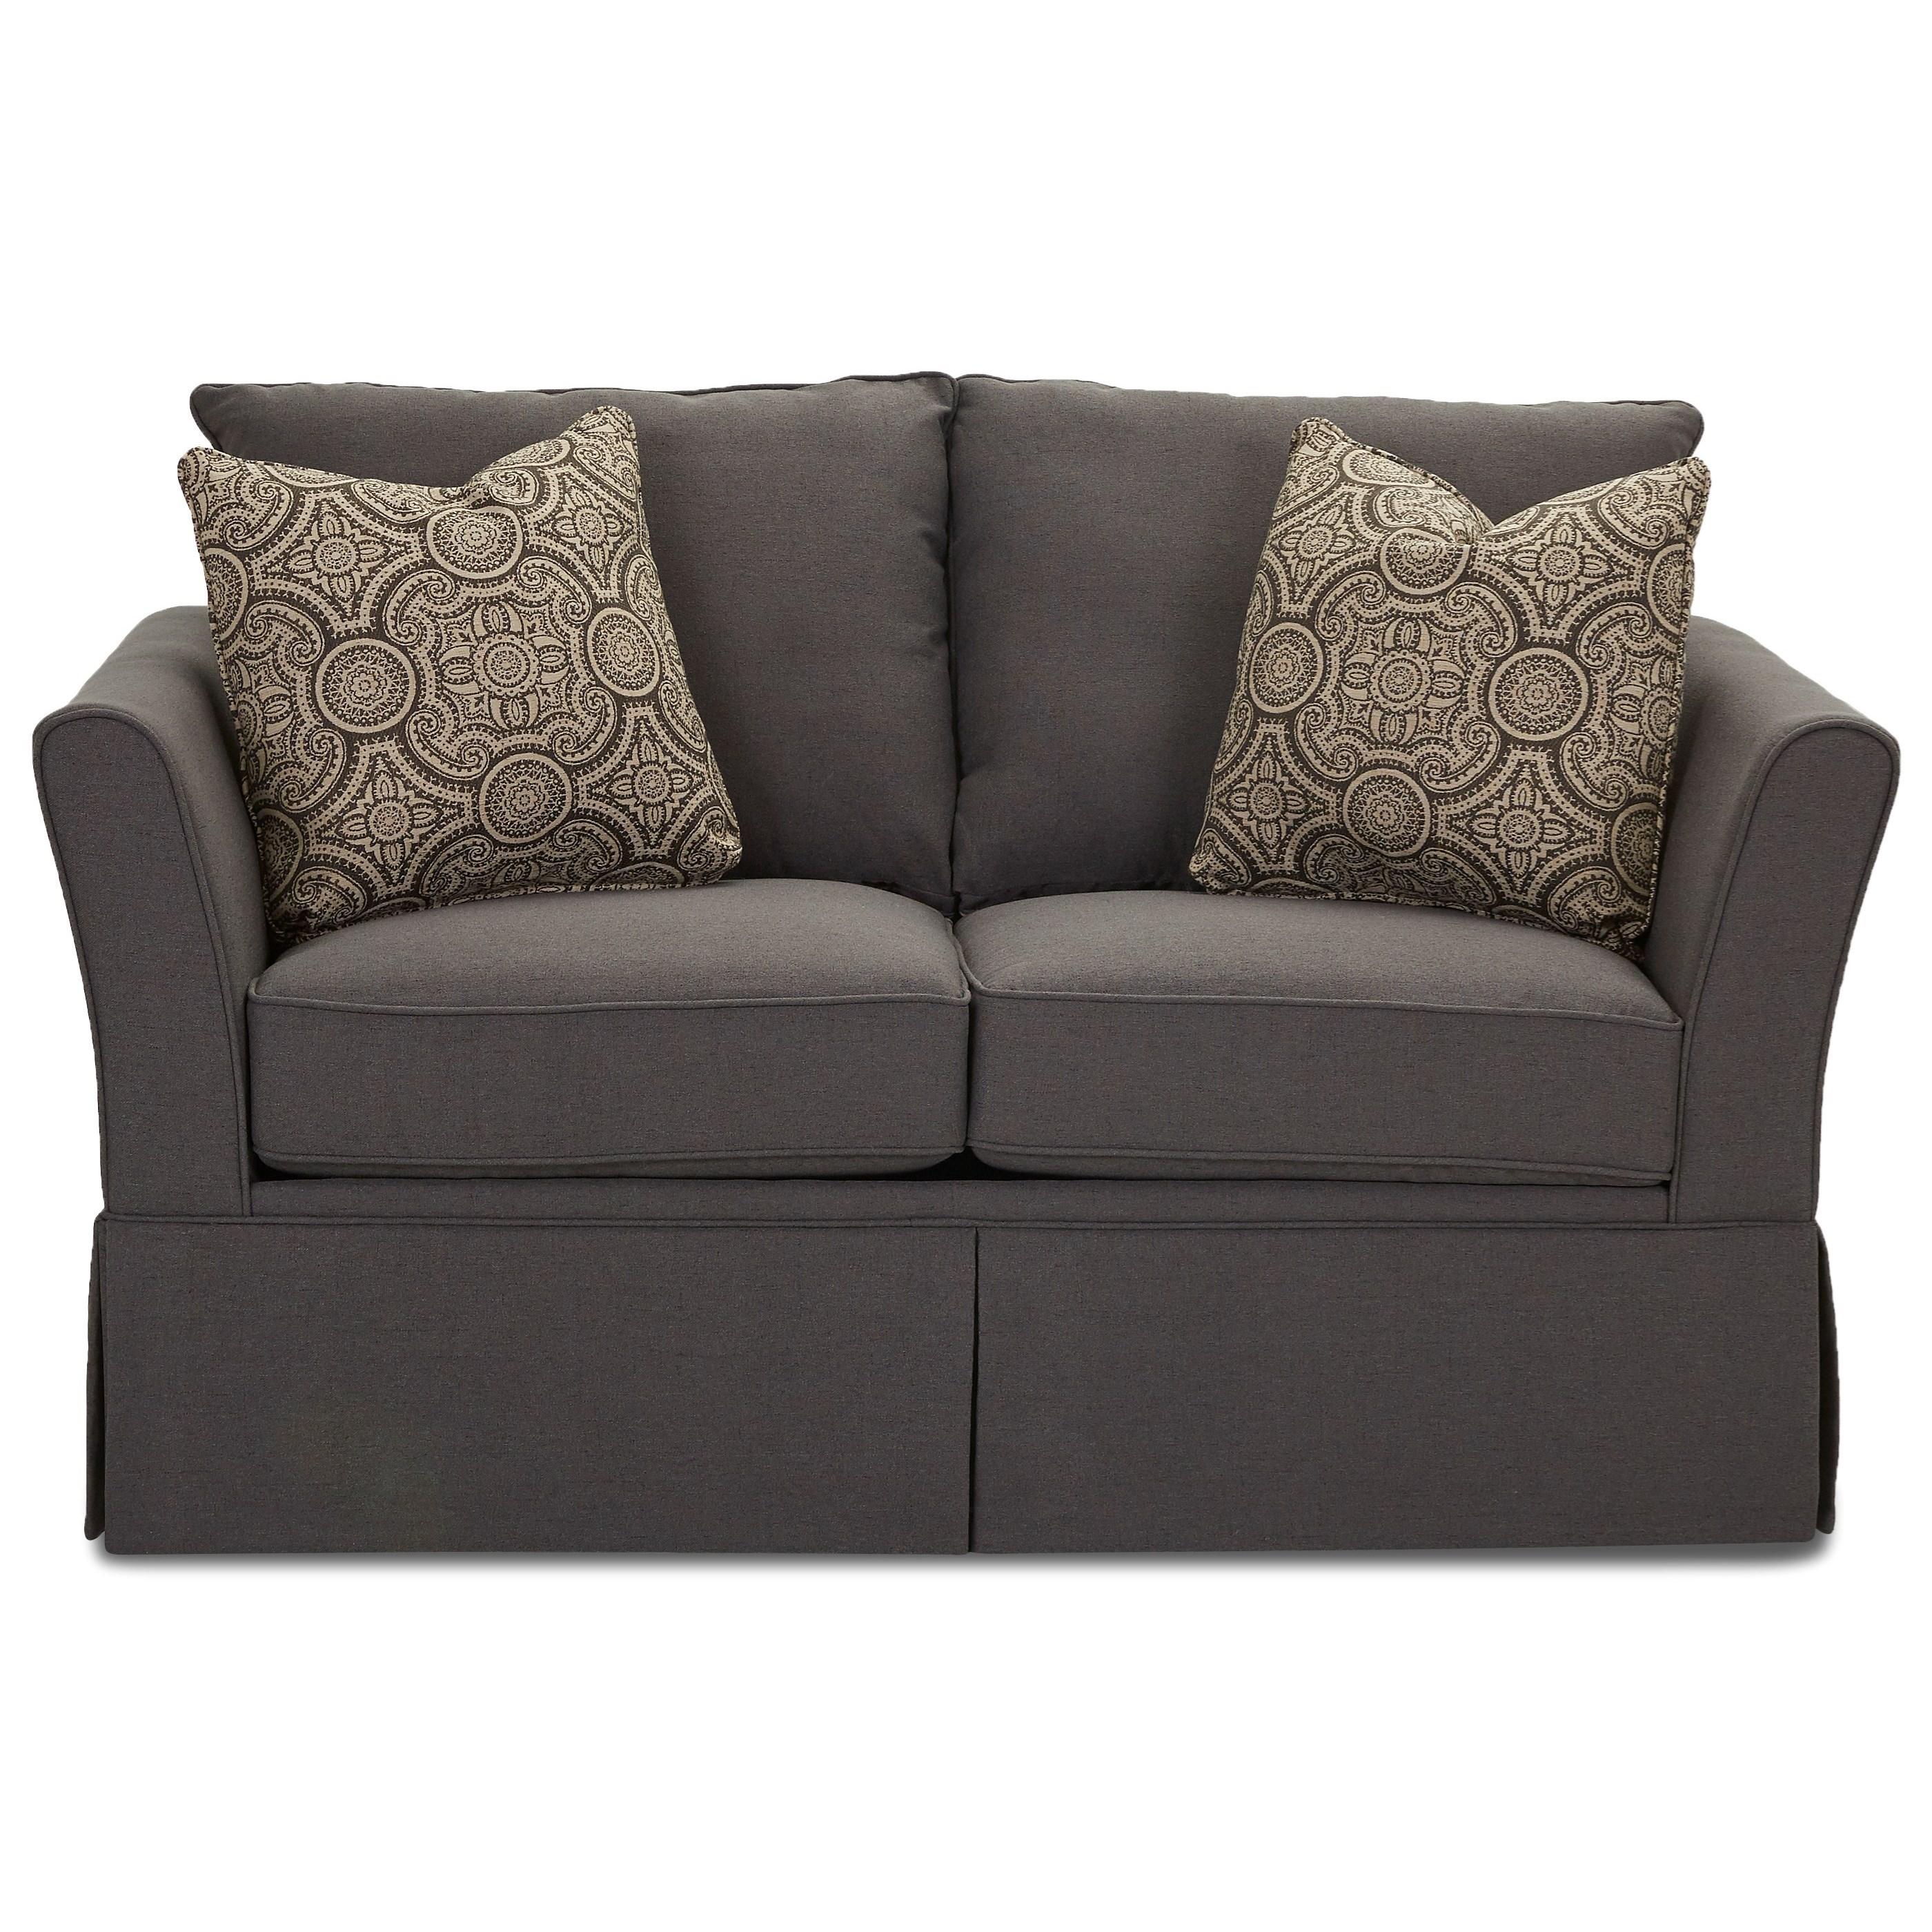 Twin Air Dream Sleeper Love Seat